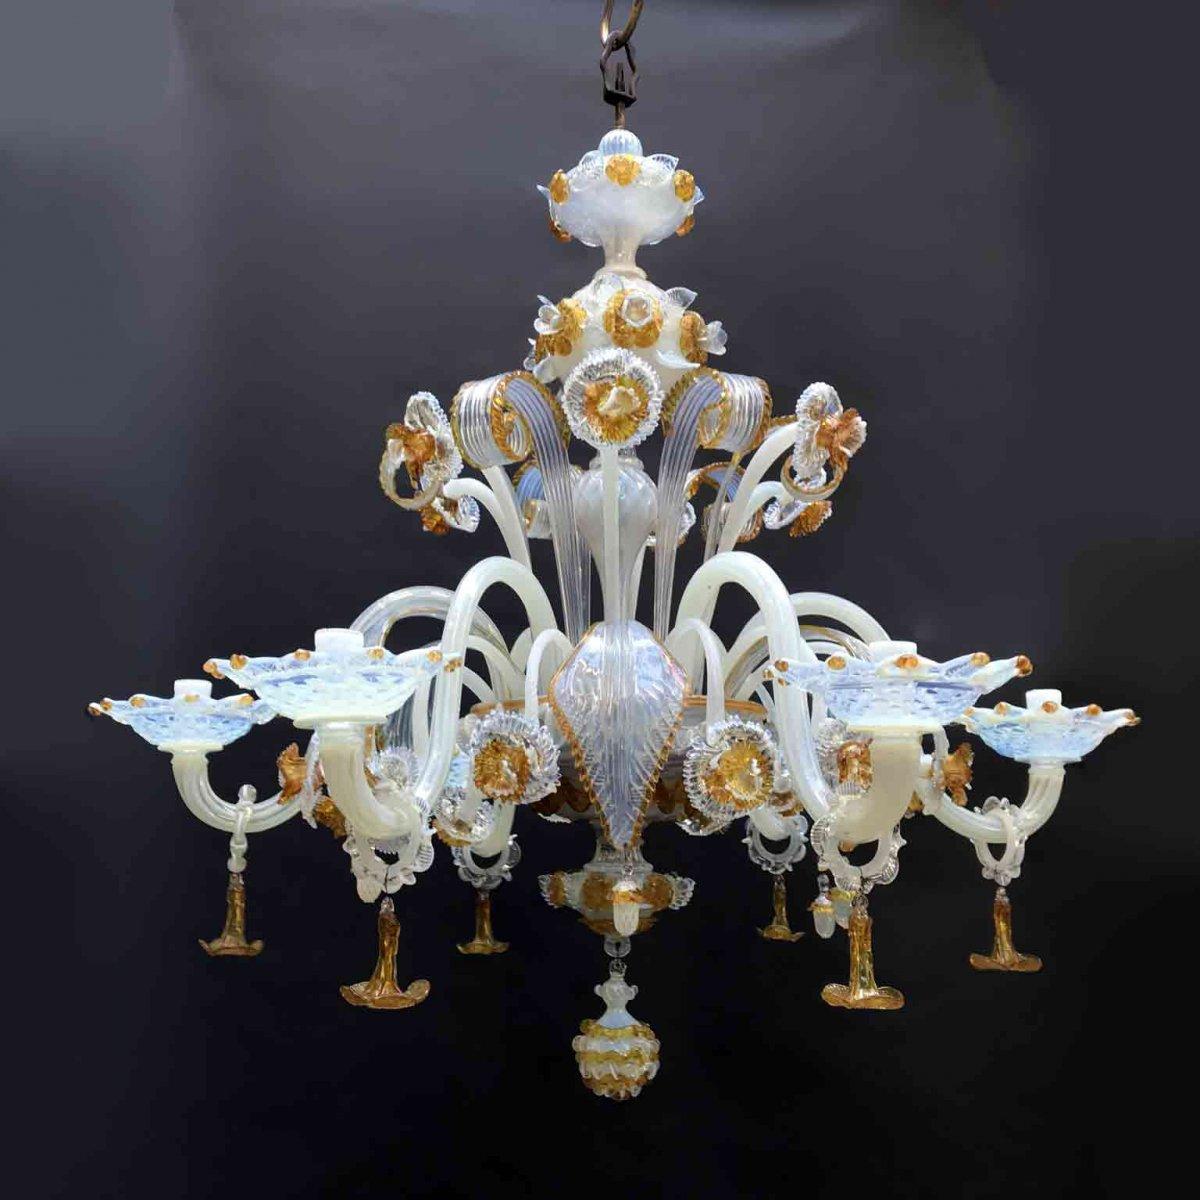 Trova una vasta selezione di lampadario murano antico a prezzi vantaggiosi. Lampadario In Vetro Di Murano Opalescente Vendita Online Ghilli Antichita Milano